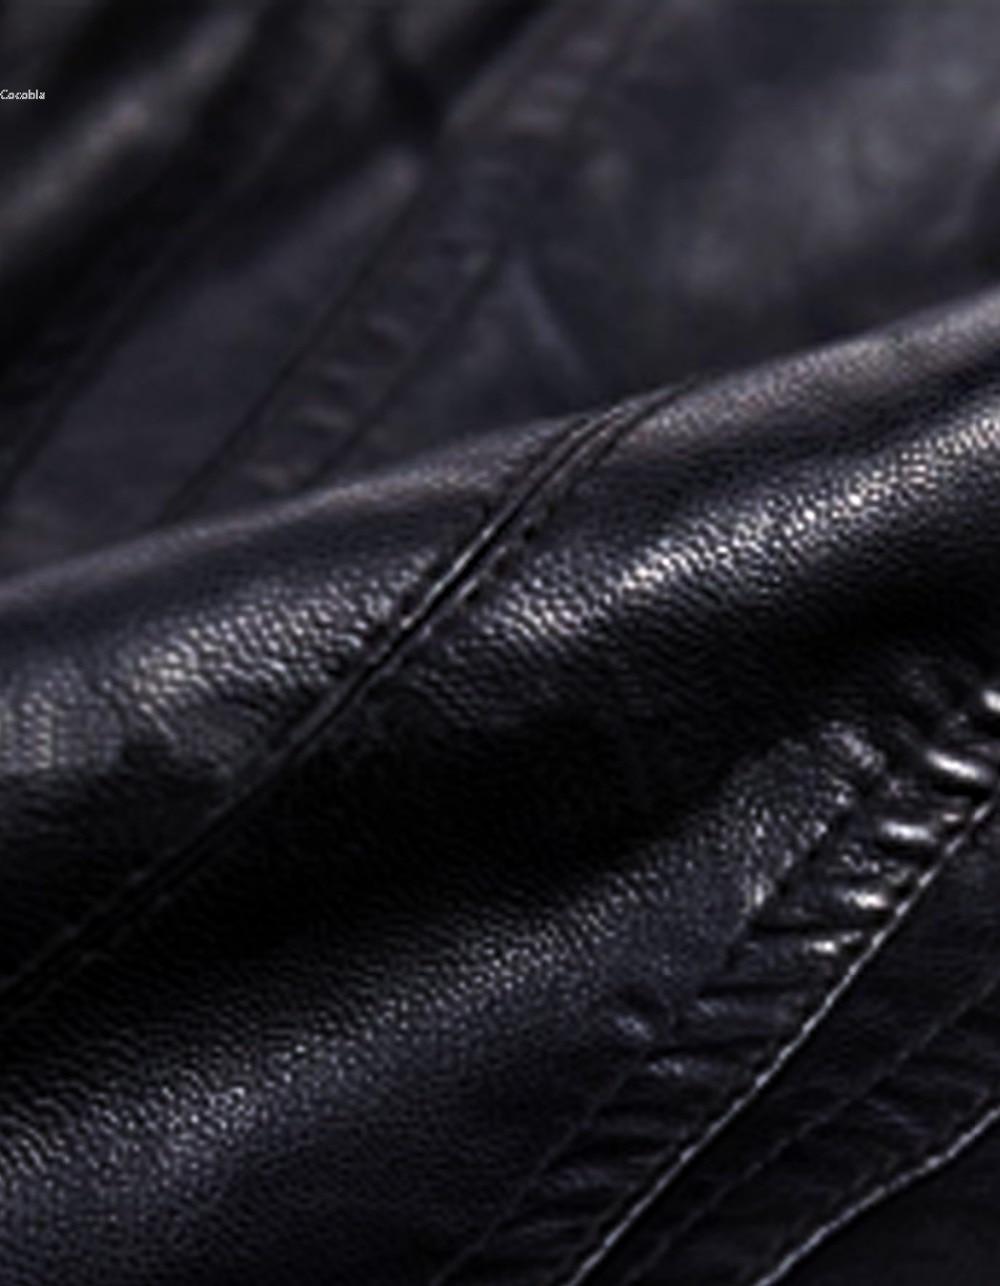 Großhandel Neue Motorrad Lederjacke Frauen Ledermantel Oberbekleidung Frühling Damen Jacken Mäntel Mädchen Jacke Mantel Von Kktie, $31.84 Auf